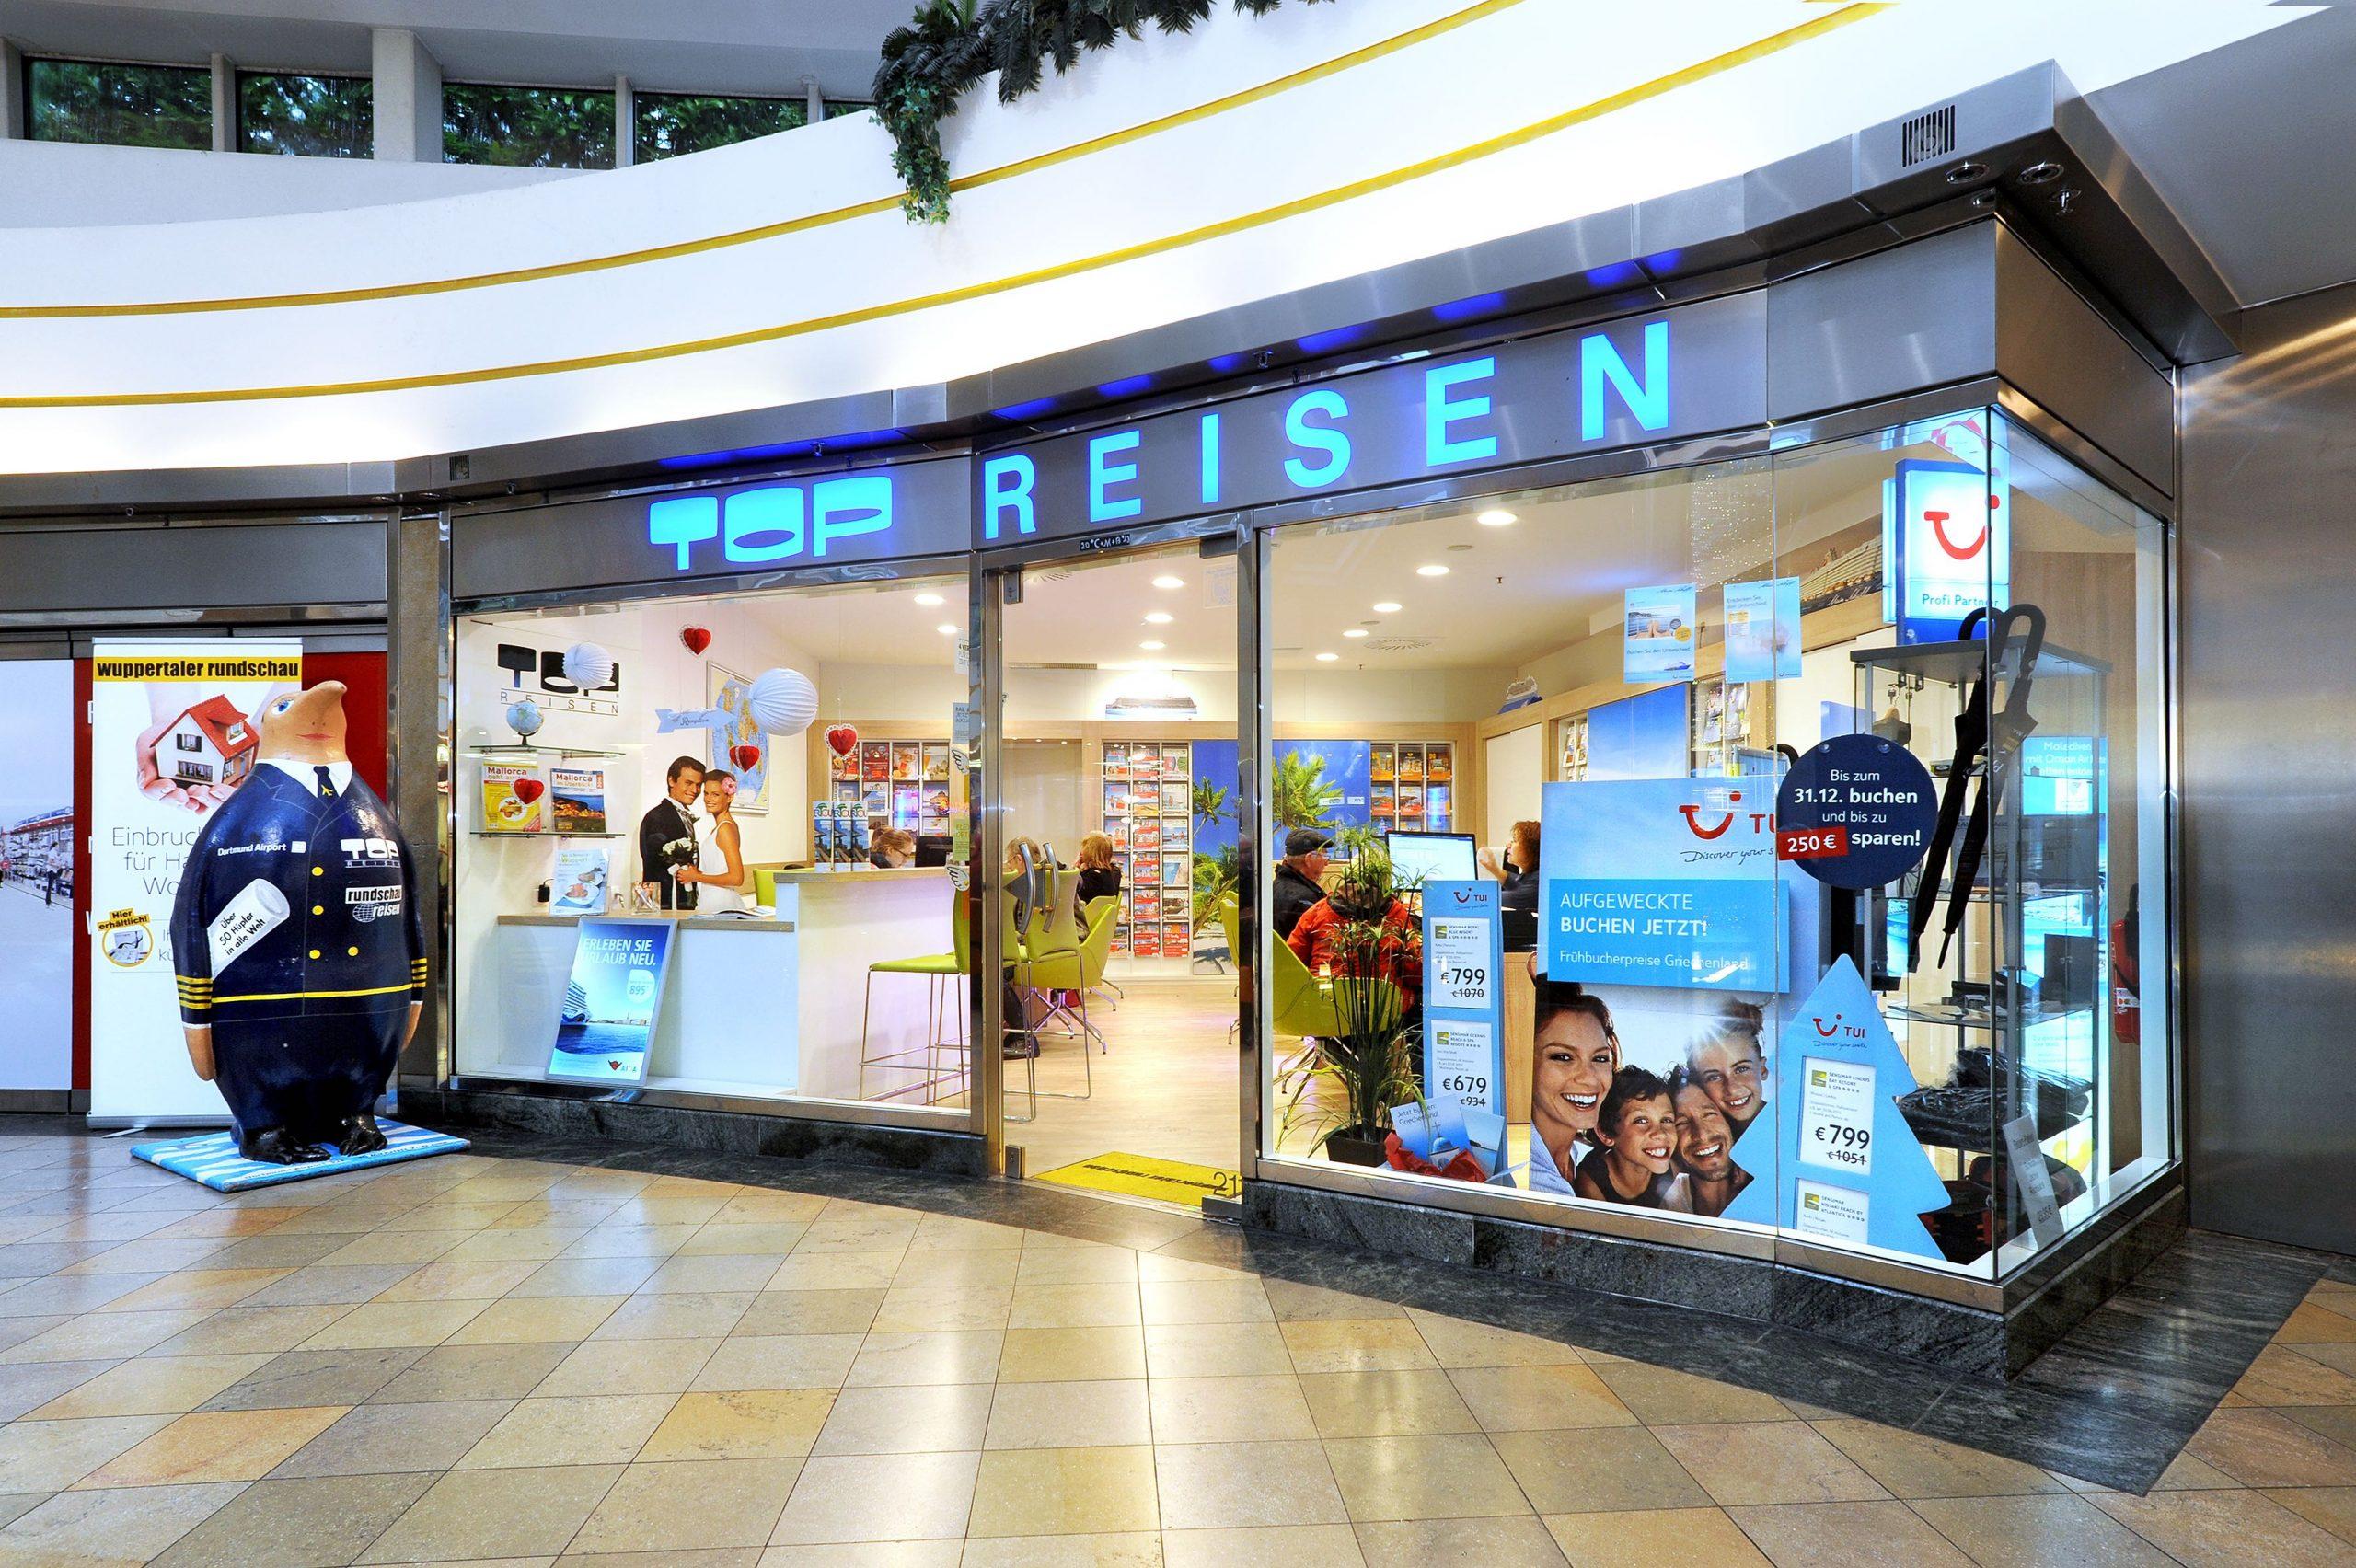 Einkaufszentrum Wuppertal top Reisen